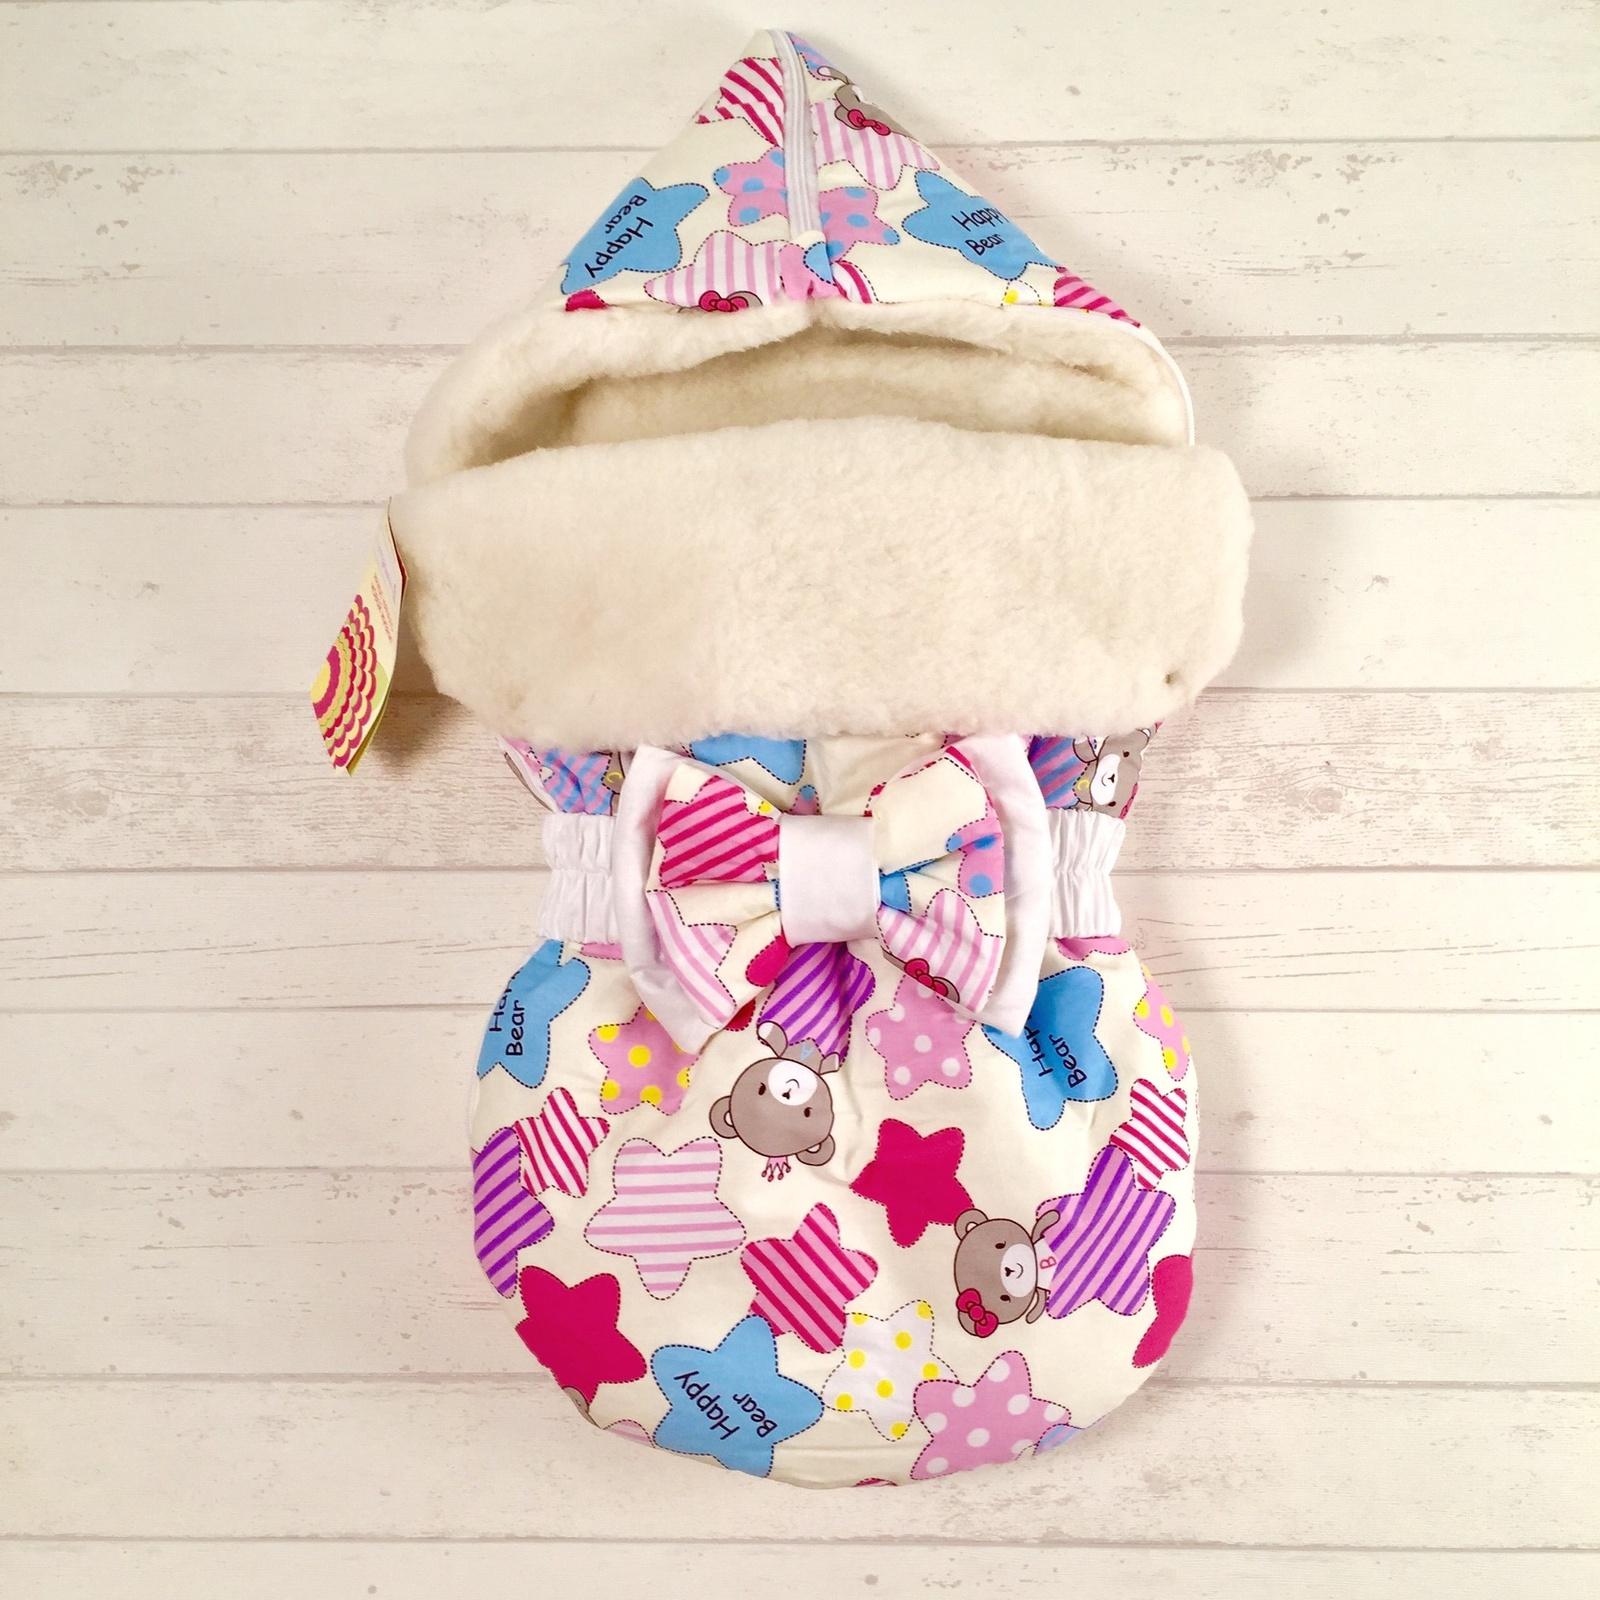 Конверт для новорожденного Супермамкет супермамкет конверт комбинезон с ручками медвежата на овчине синий kv bear синий